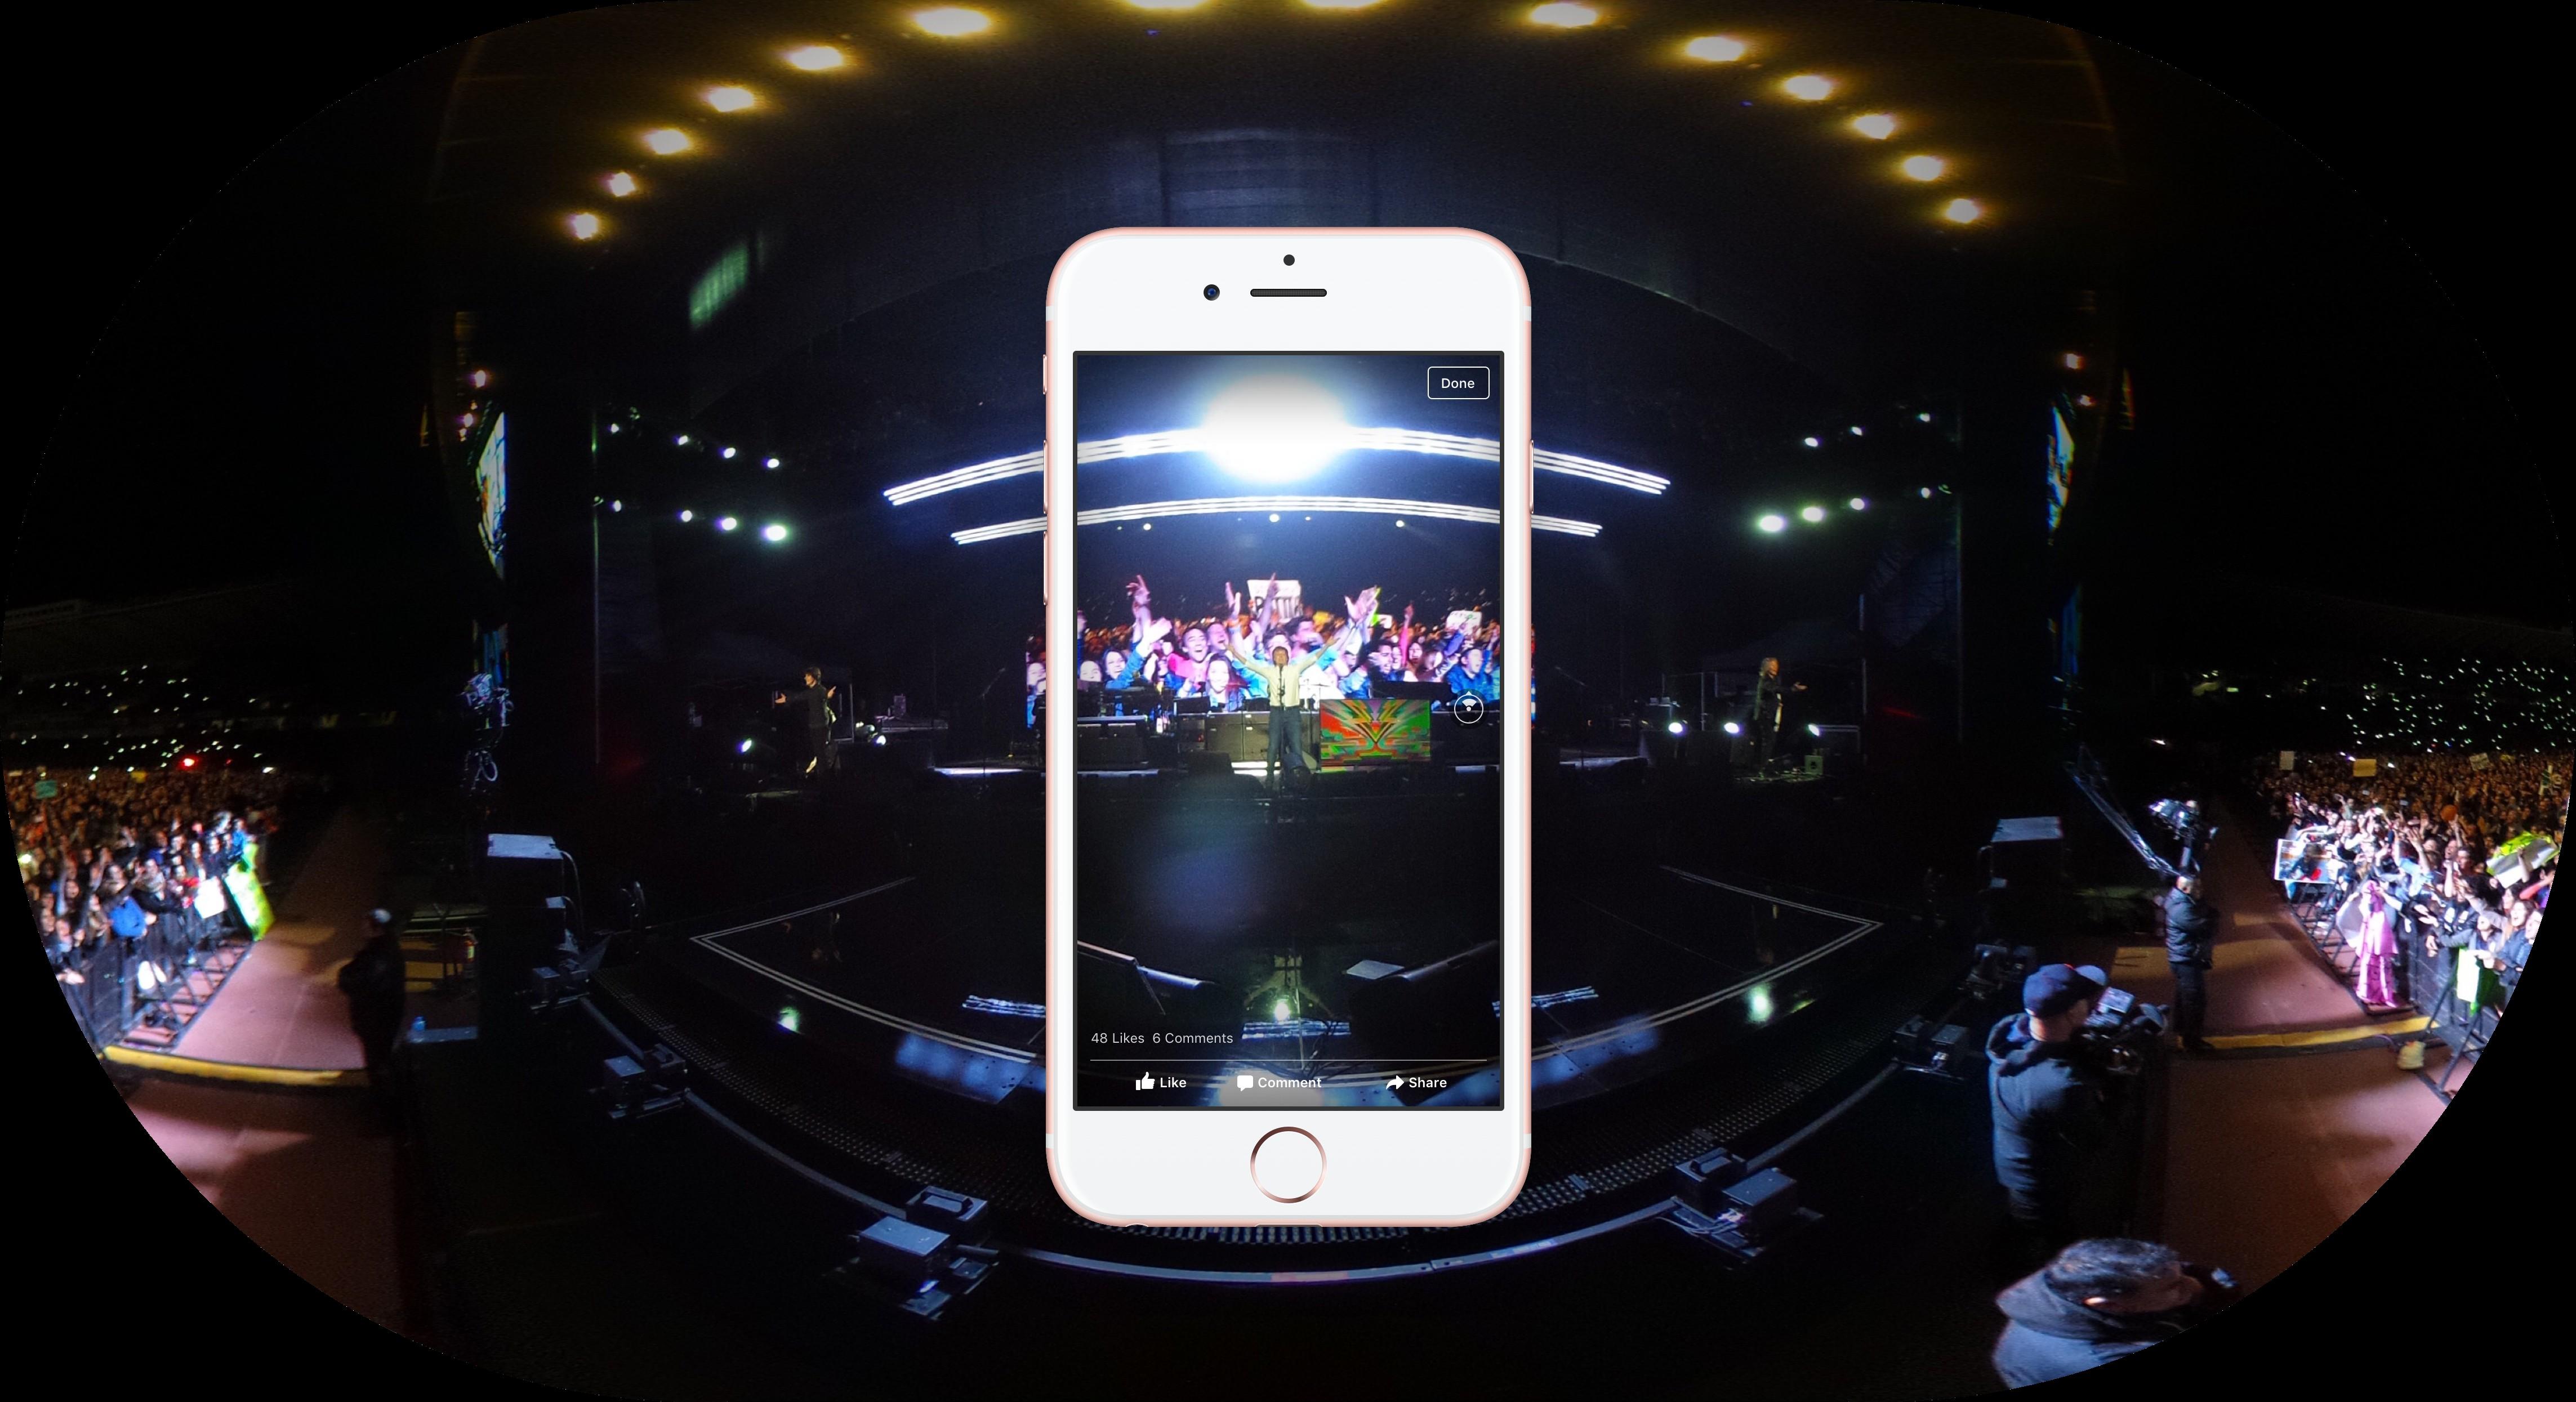 فيسبوك تطلق صور بخاصية 360 درجة